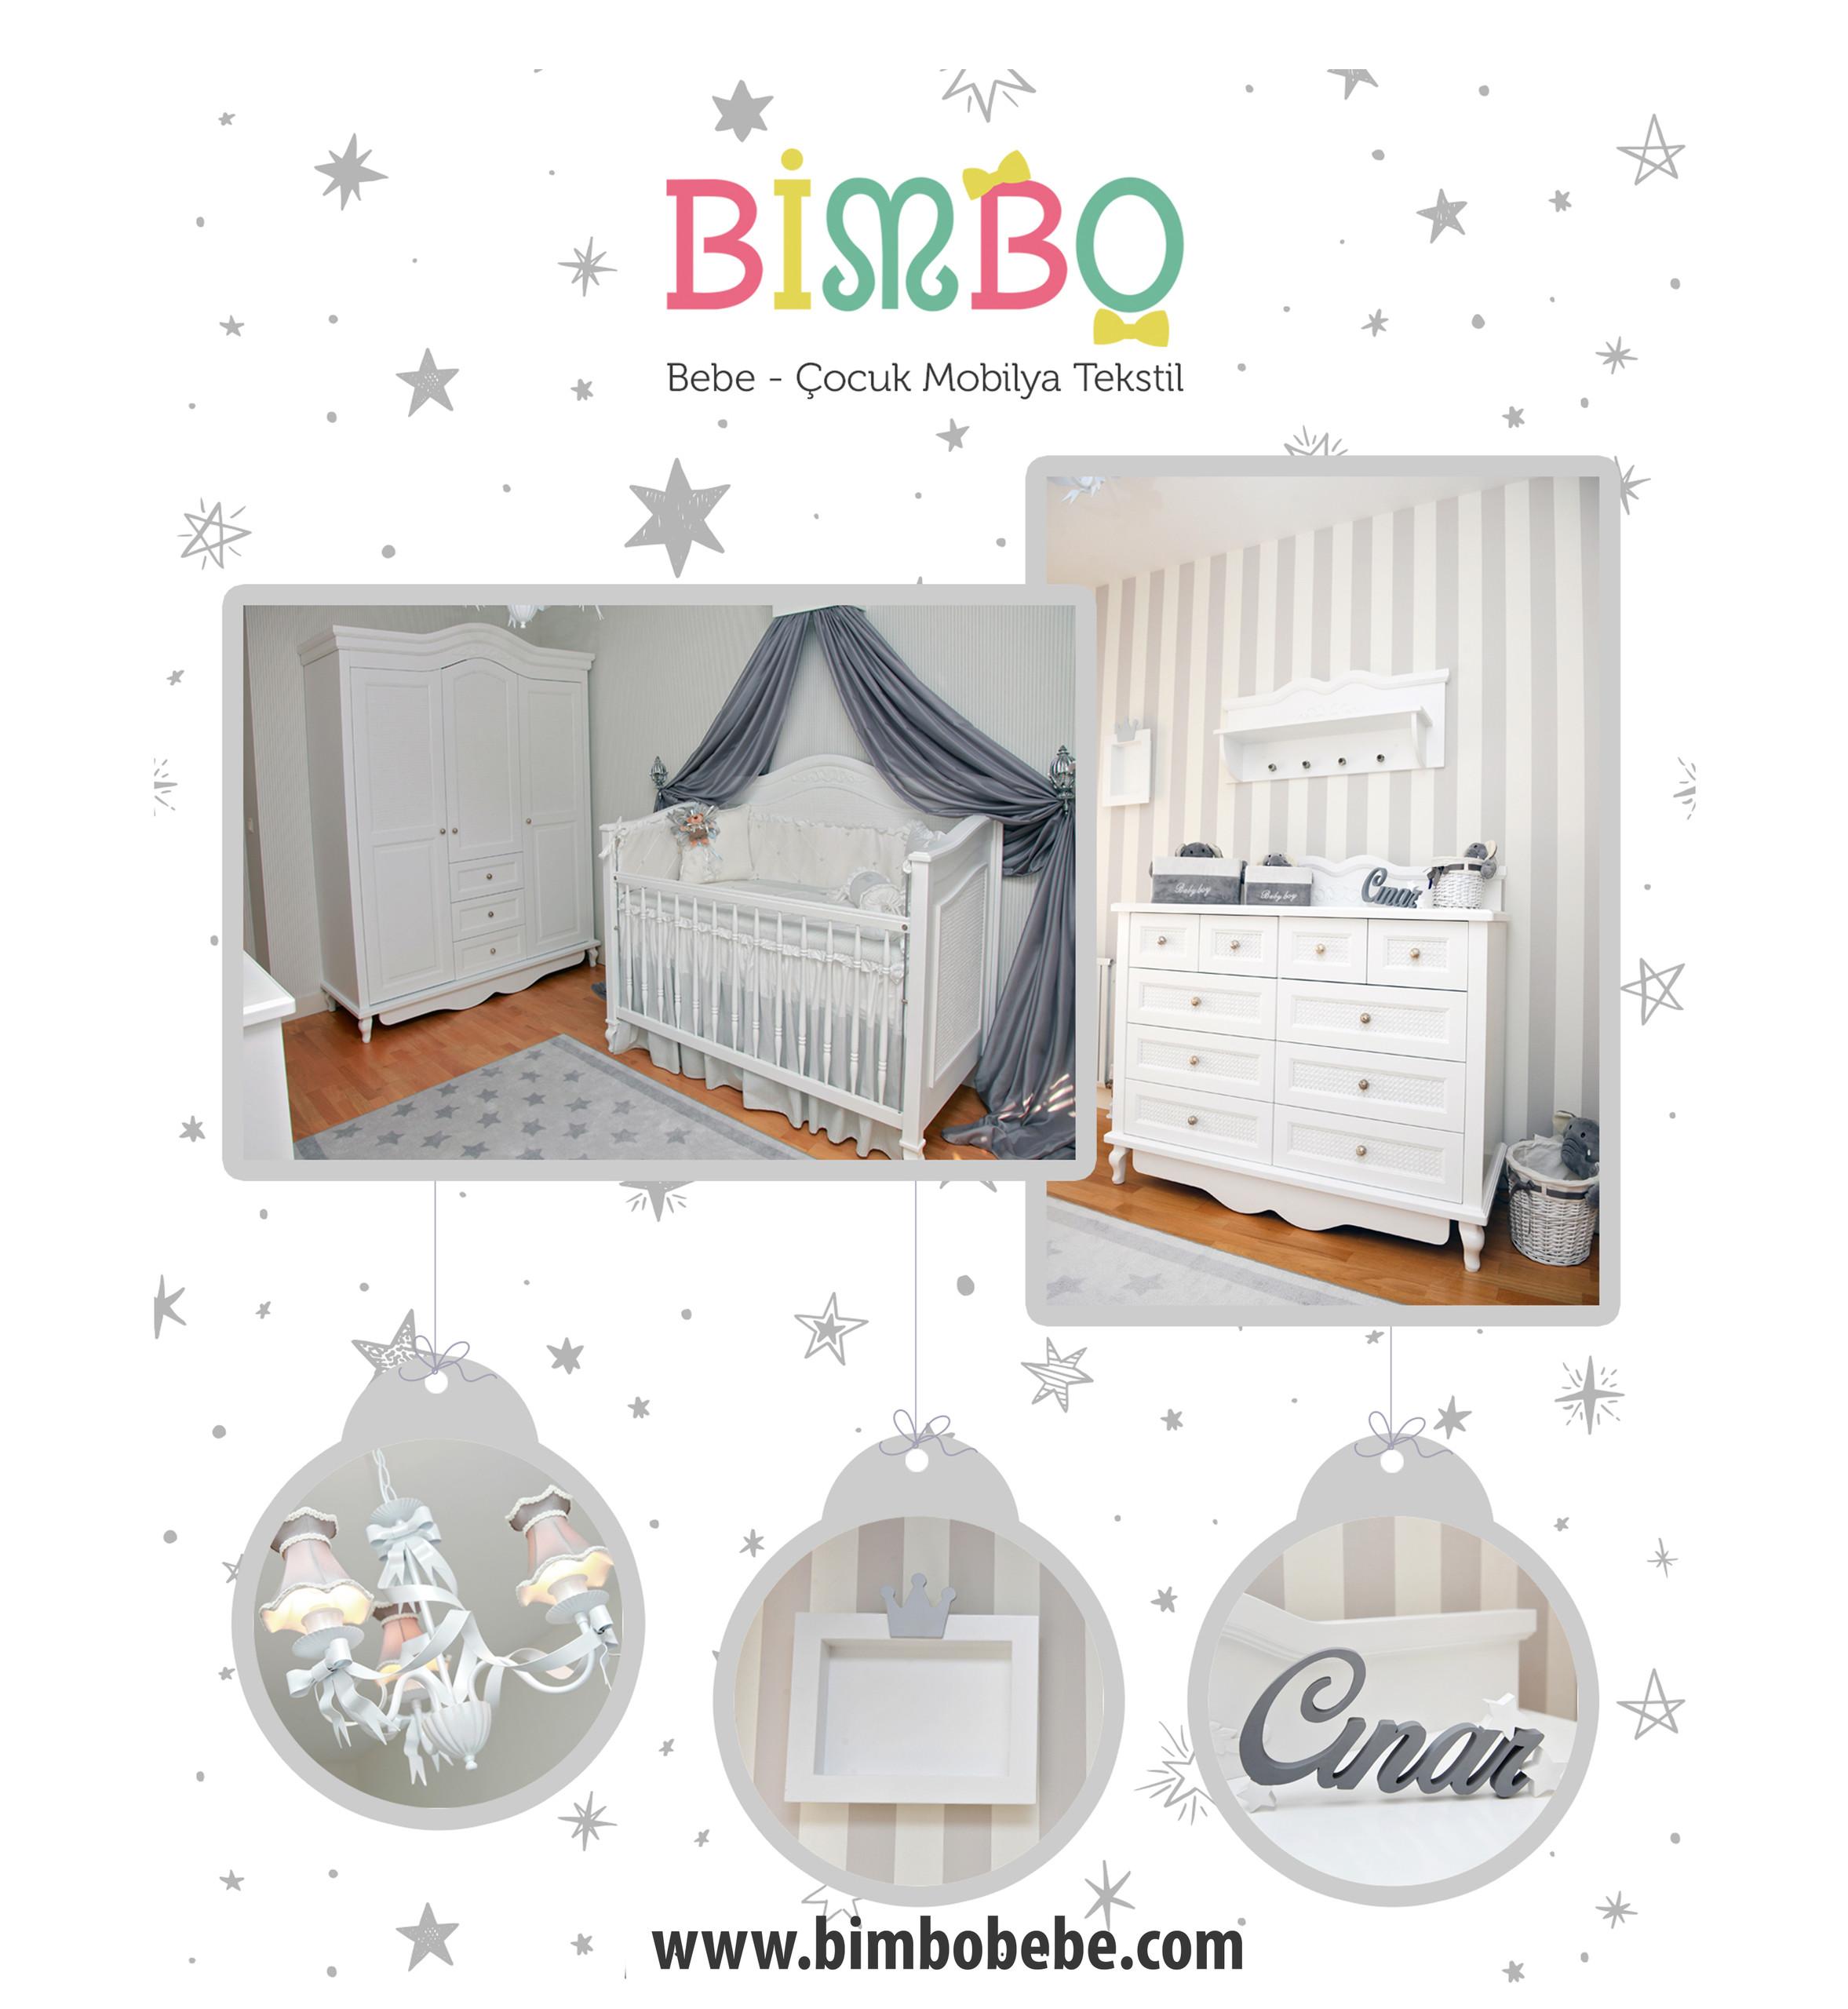 Bimbo230